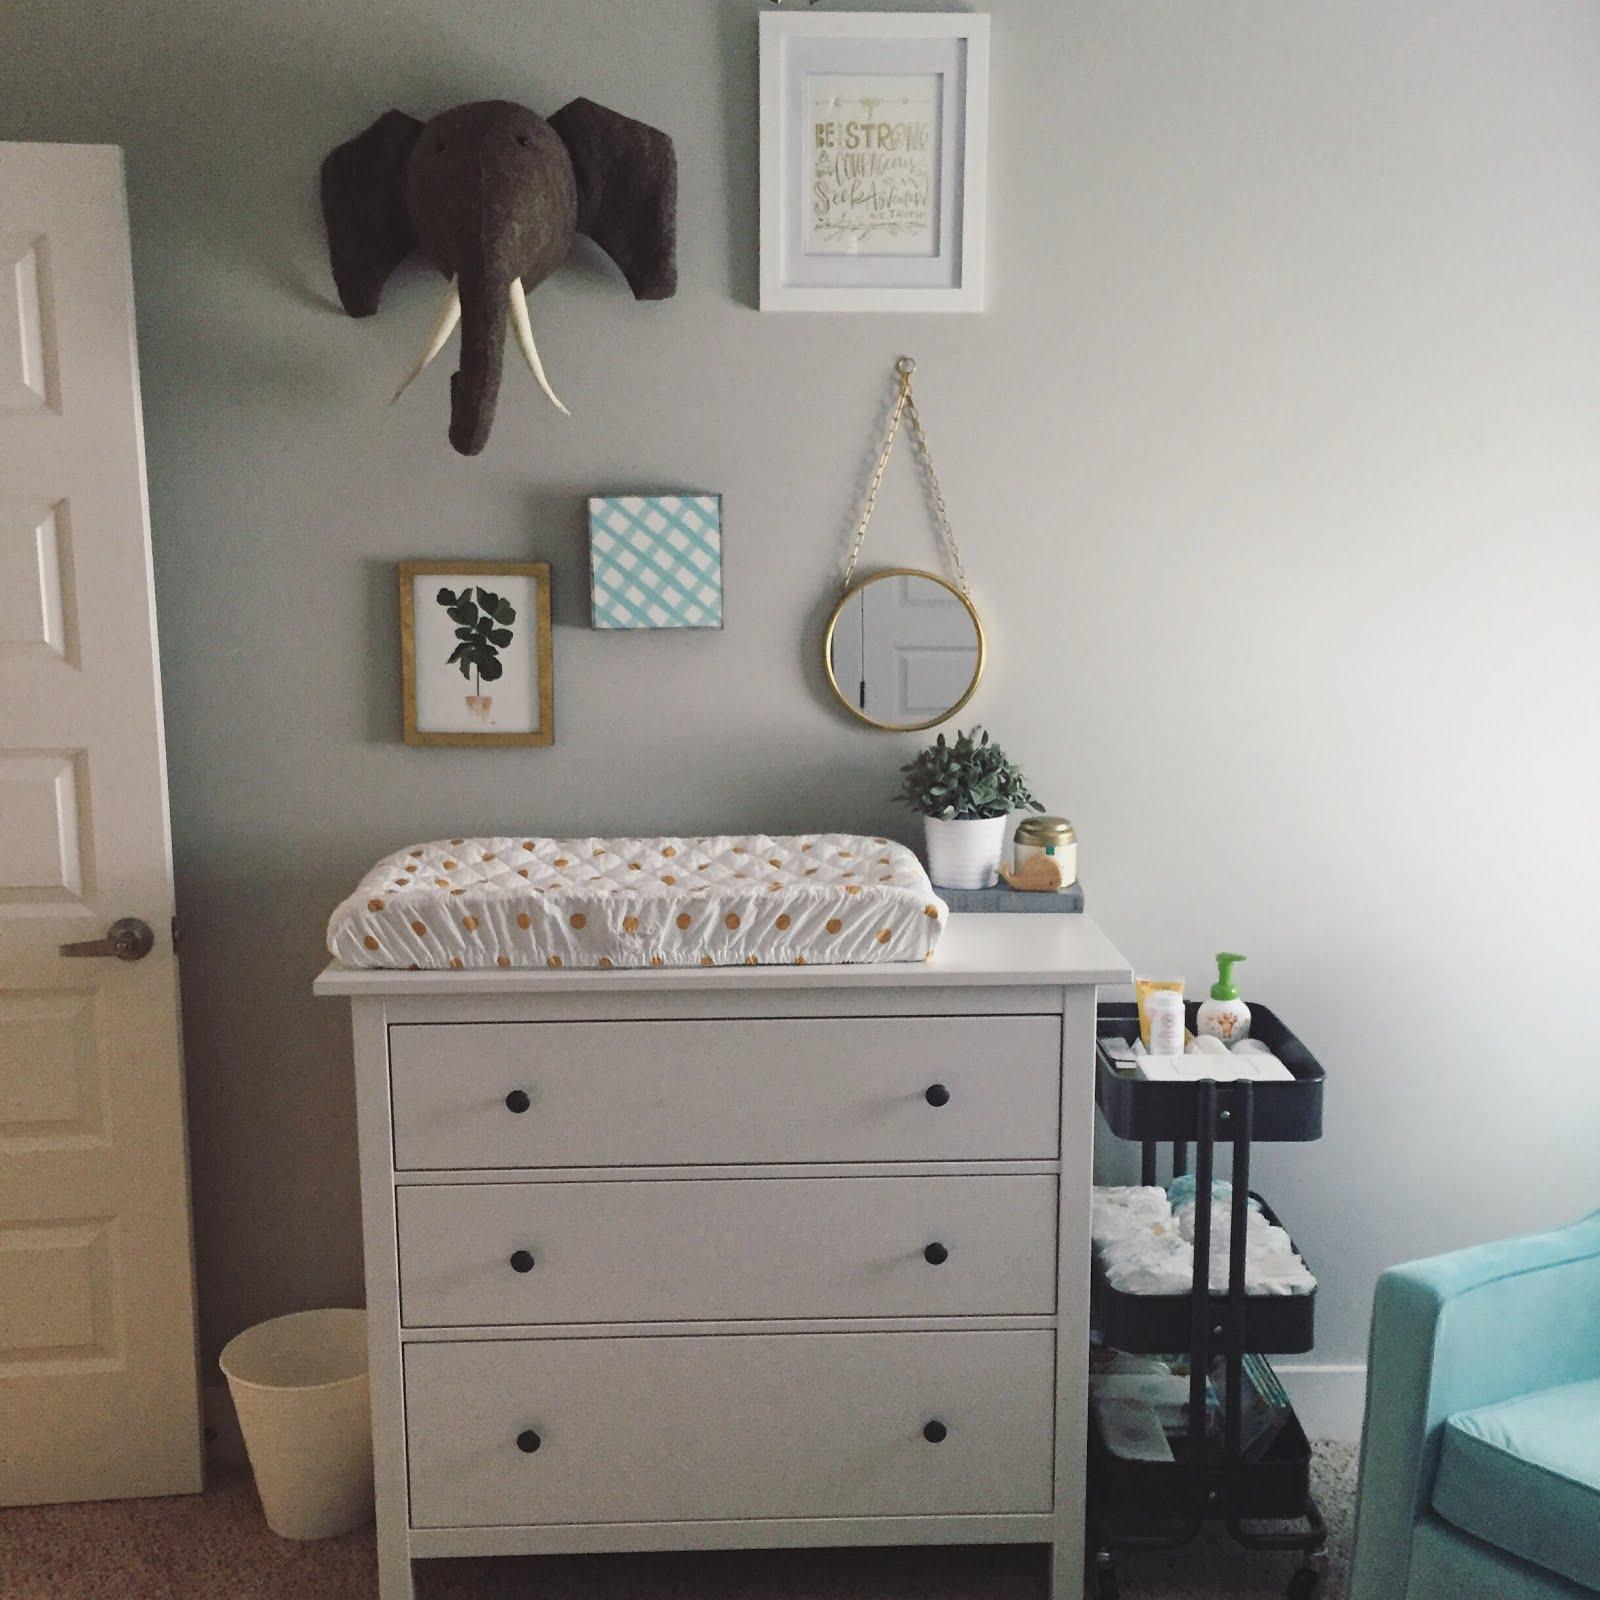 Ikea Hemnes 3 Drawer Dresser With Mirror. Hemnes 3 Drawer Dresser   Trend Dressers Designs